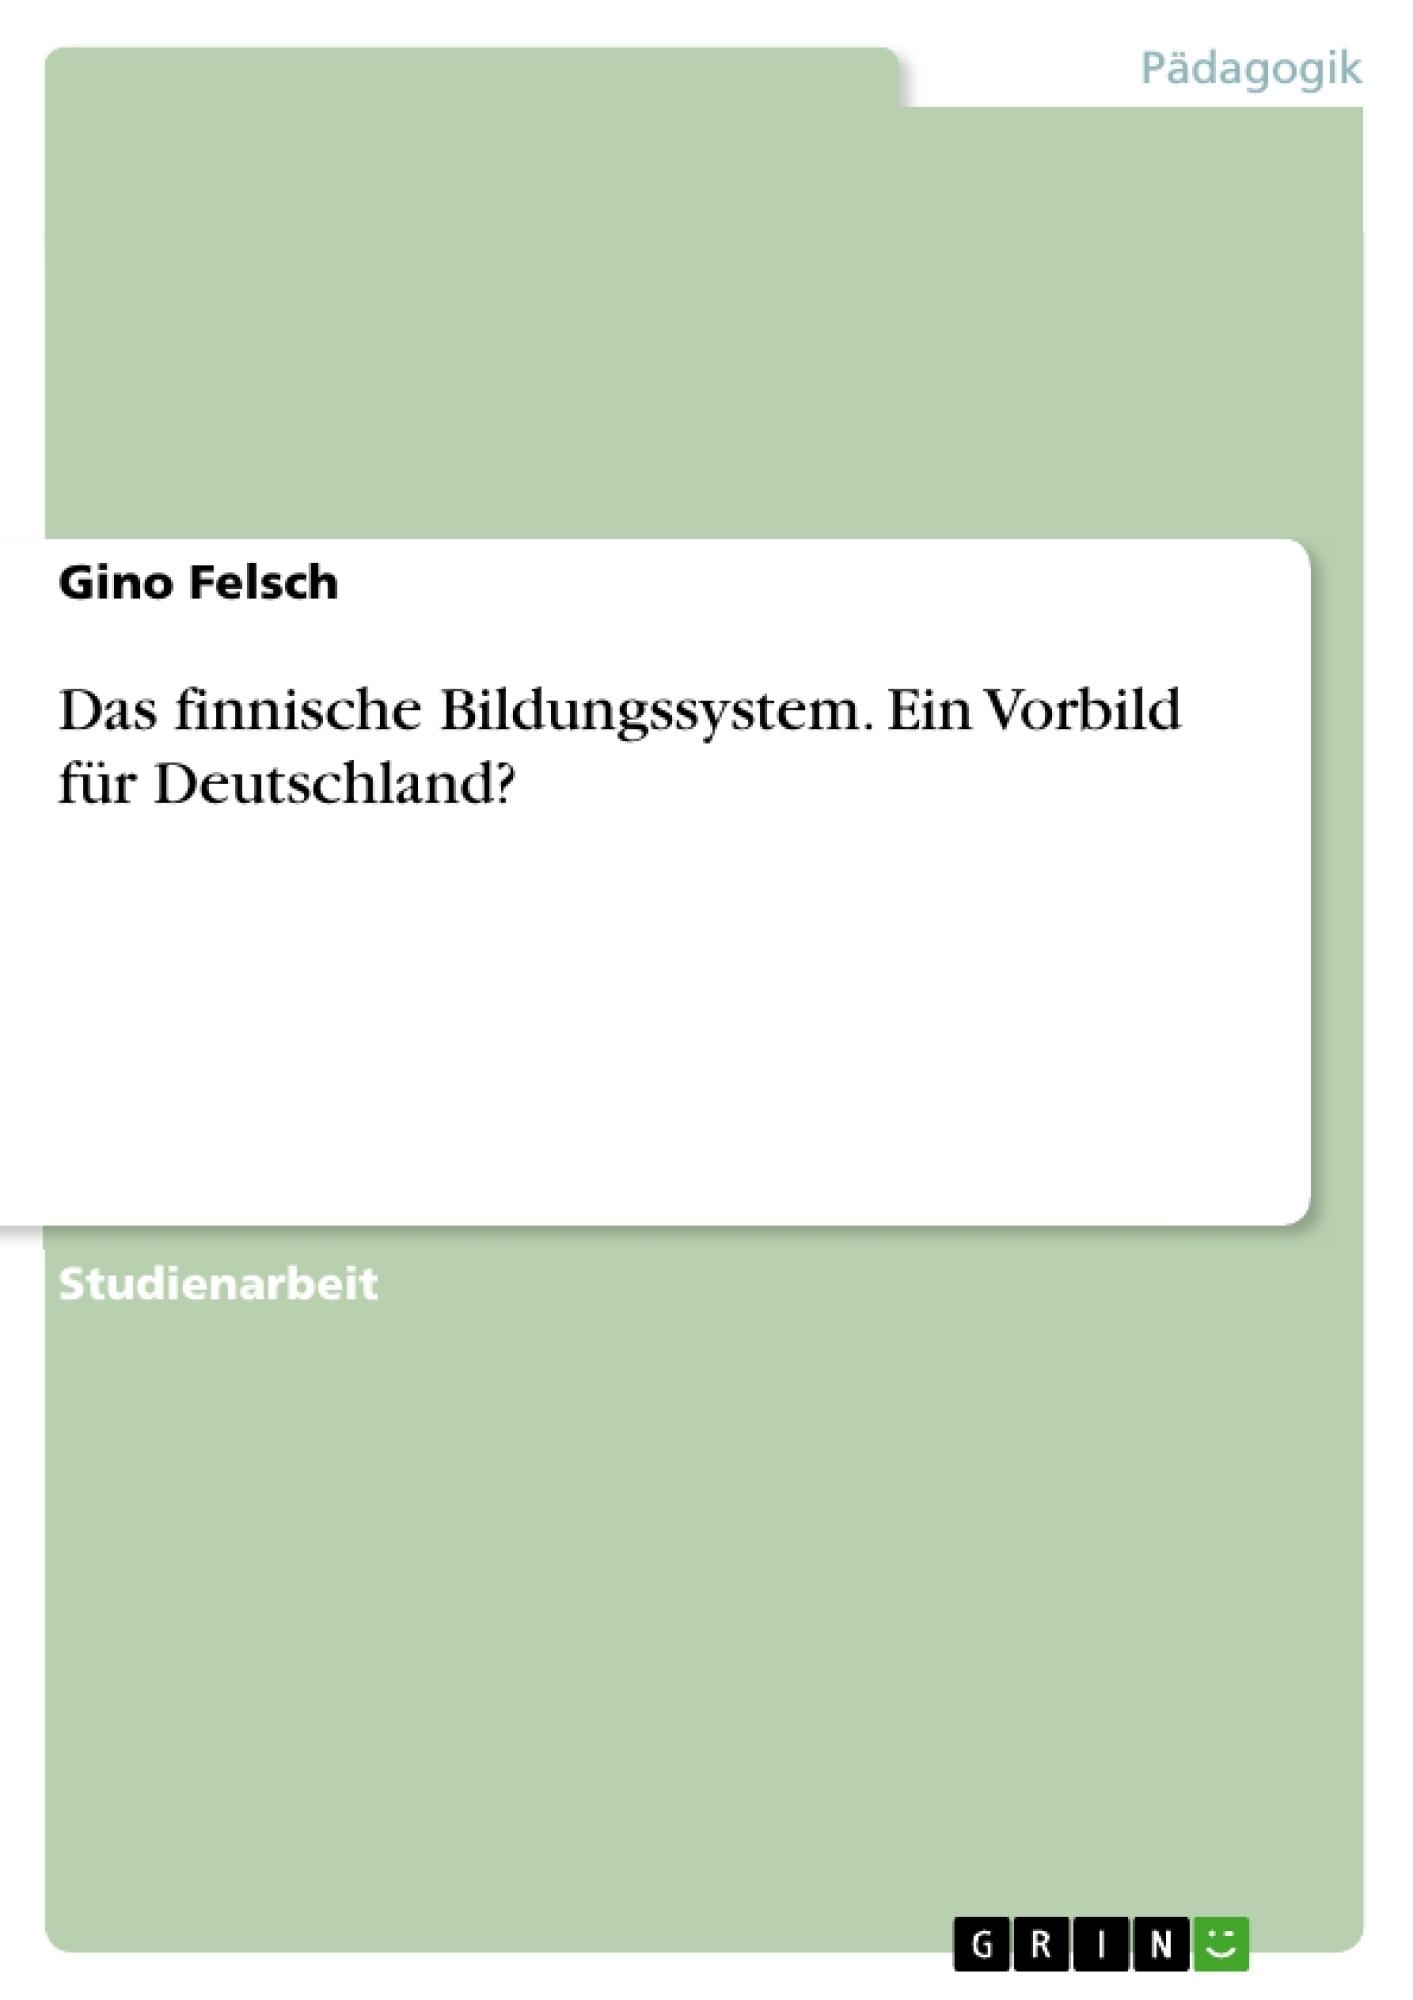 Titel: Das finnische Bildungssystem. Ein Vorbild für Deutschland?